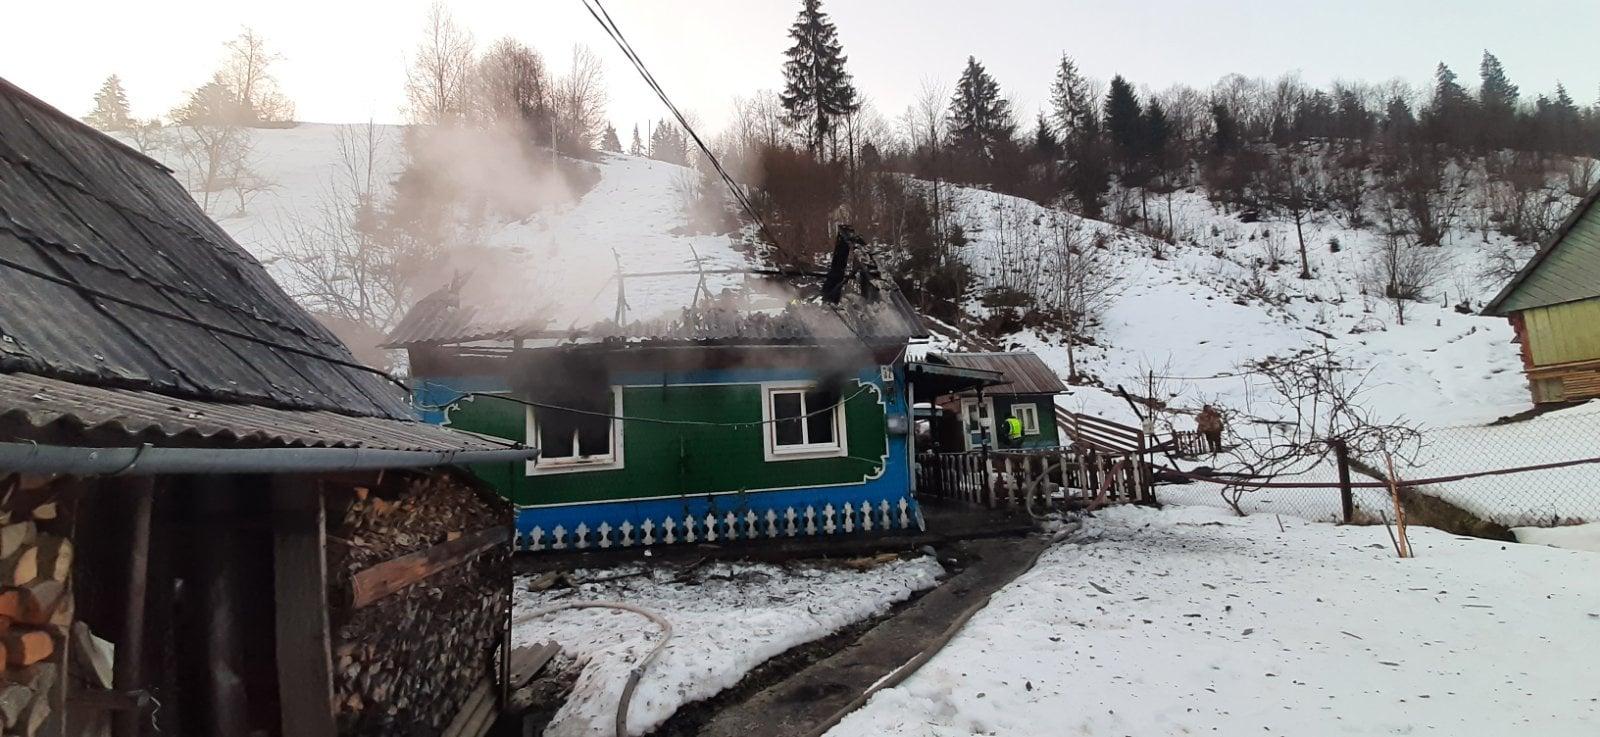 Про це повідомила пресслужба У ДСНС України у Закарпатській області.